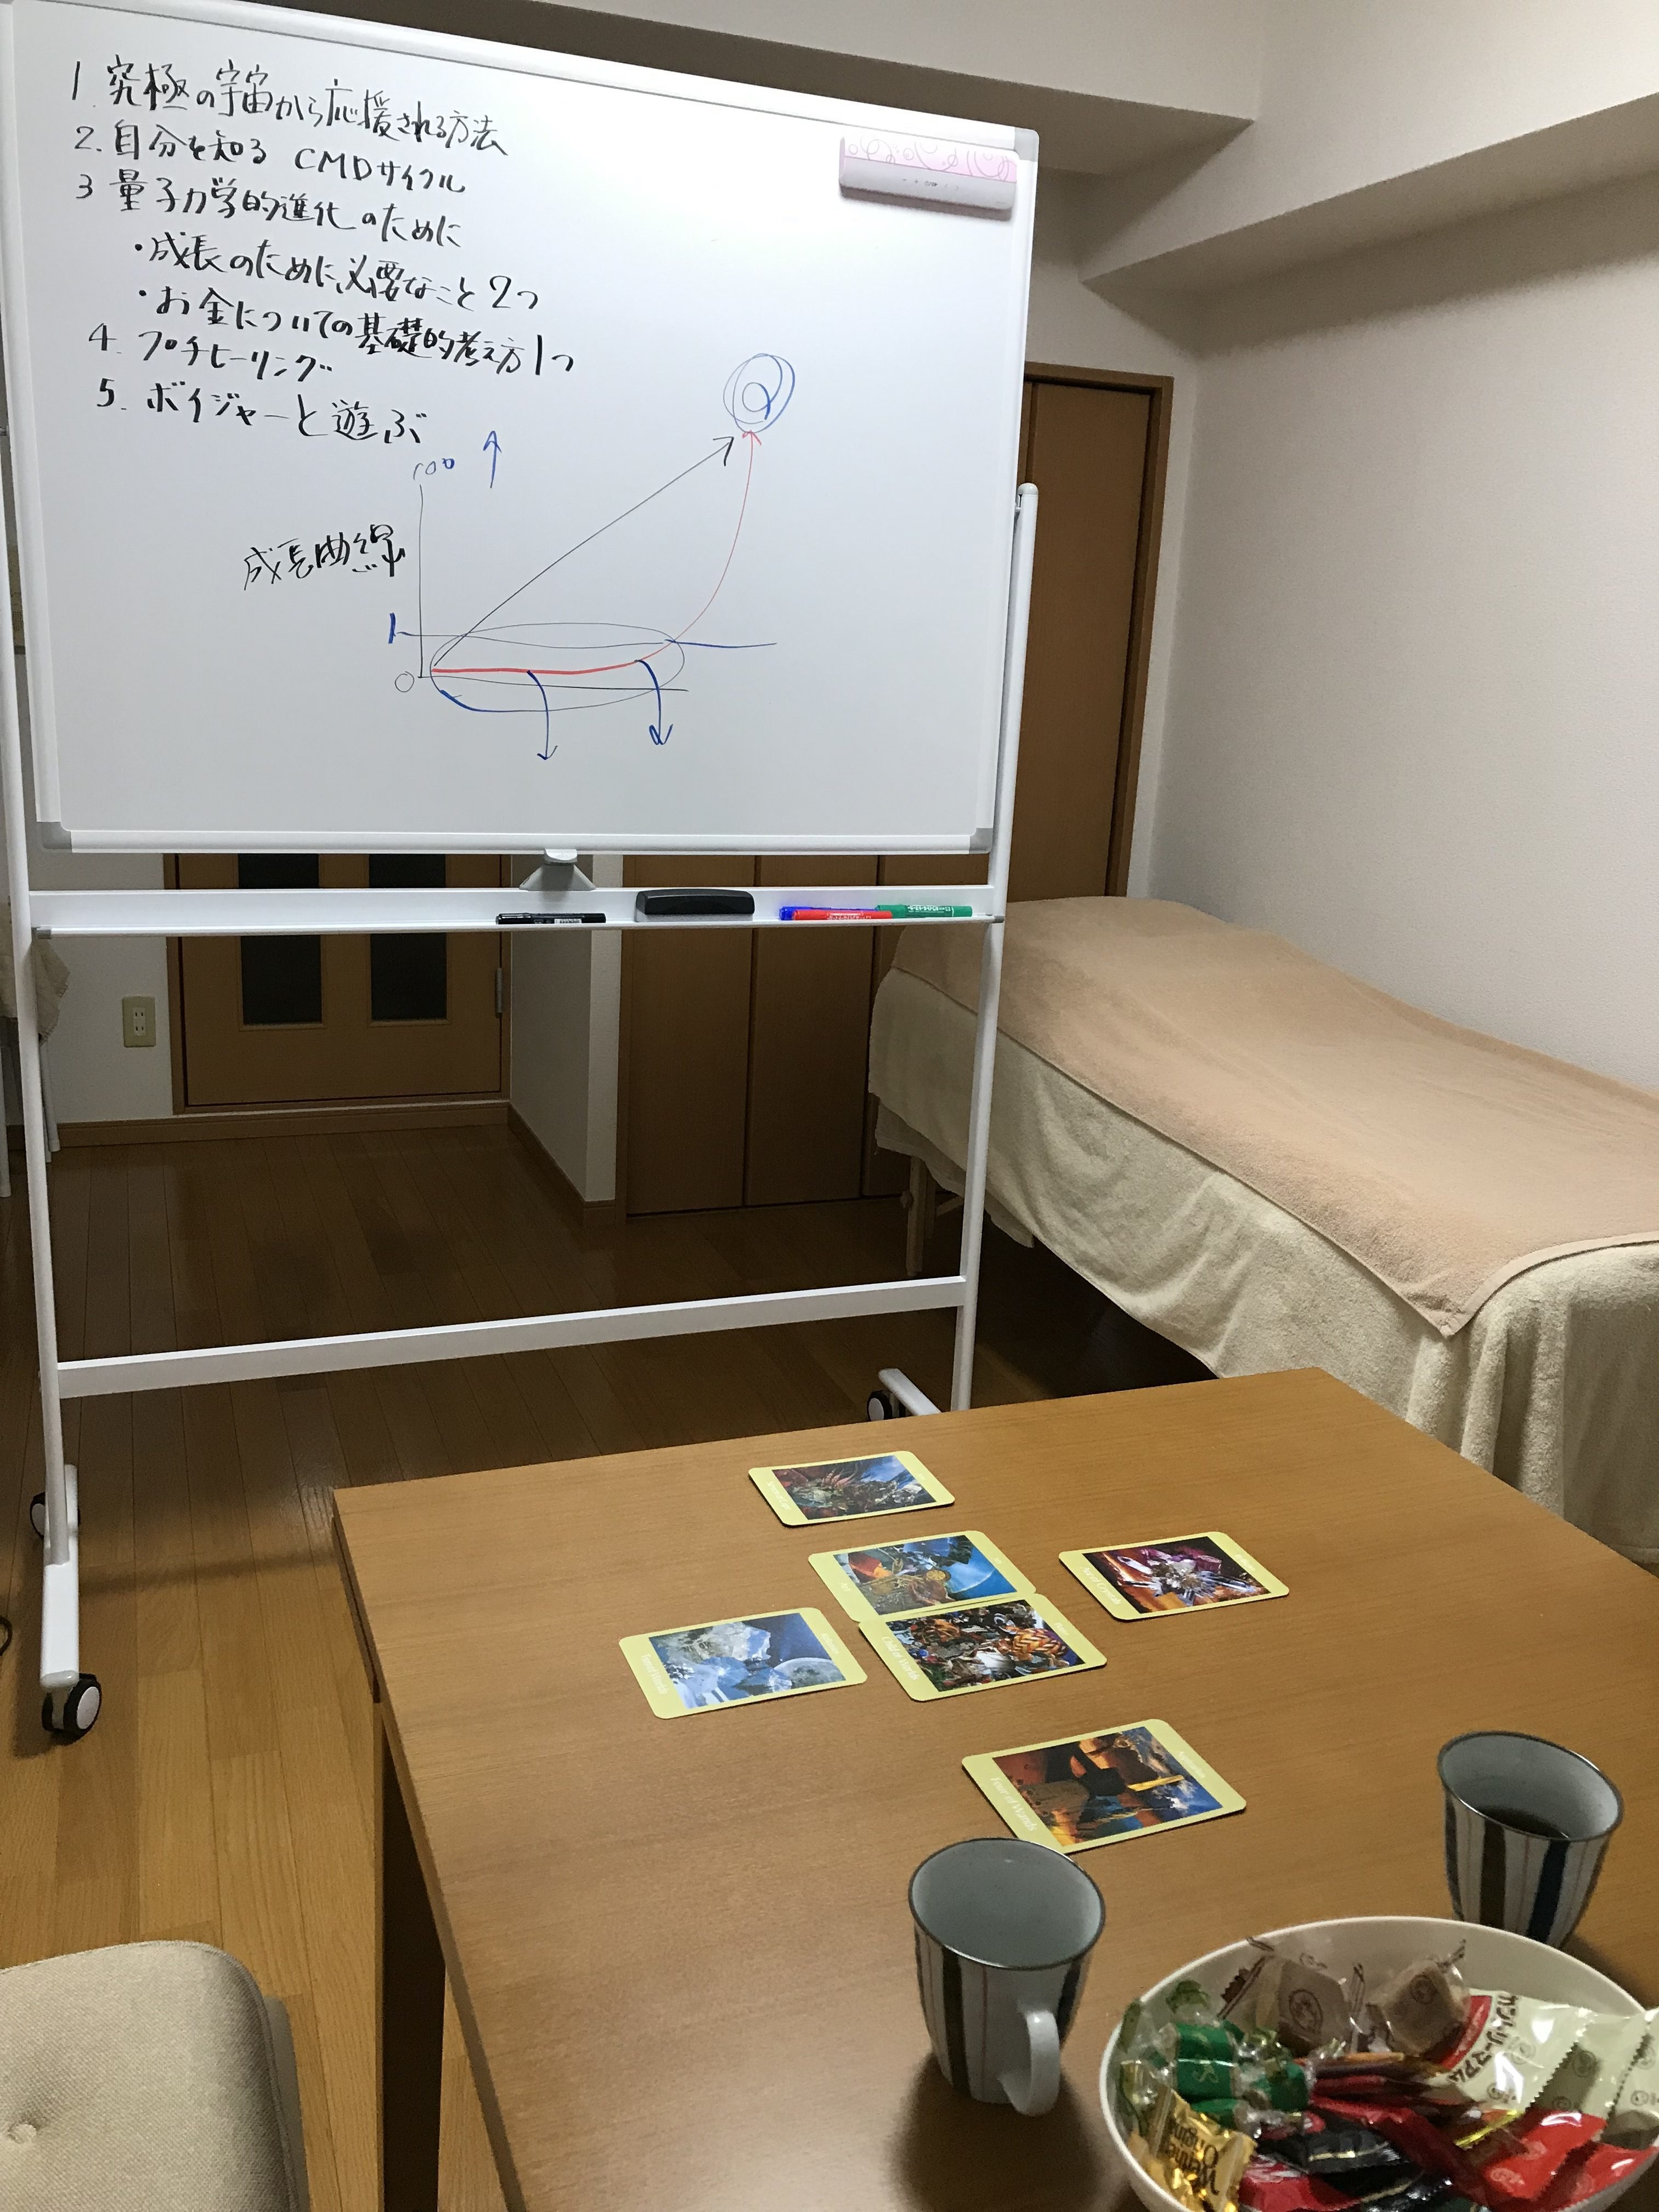 体験お茶会2019/1/27